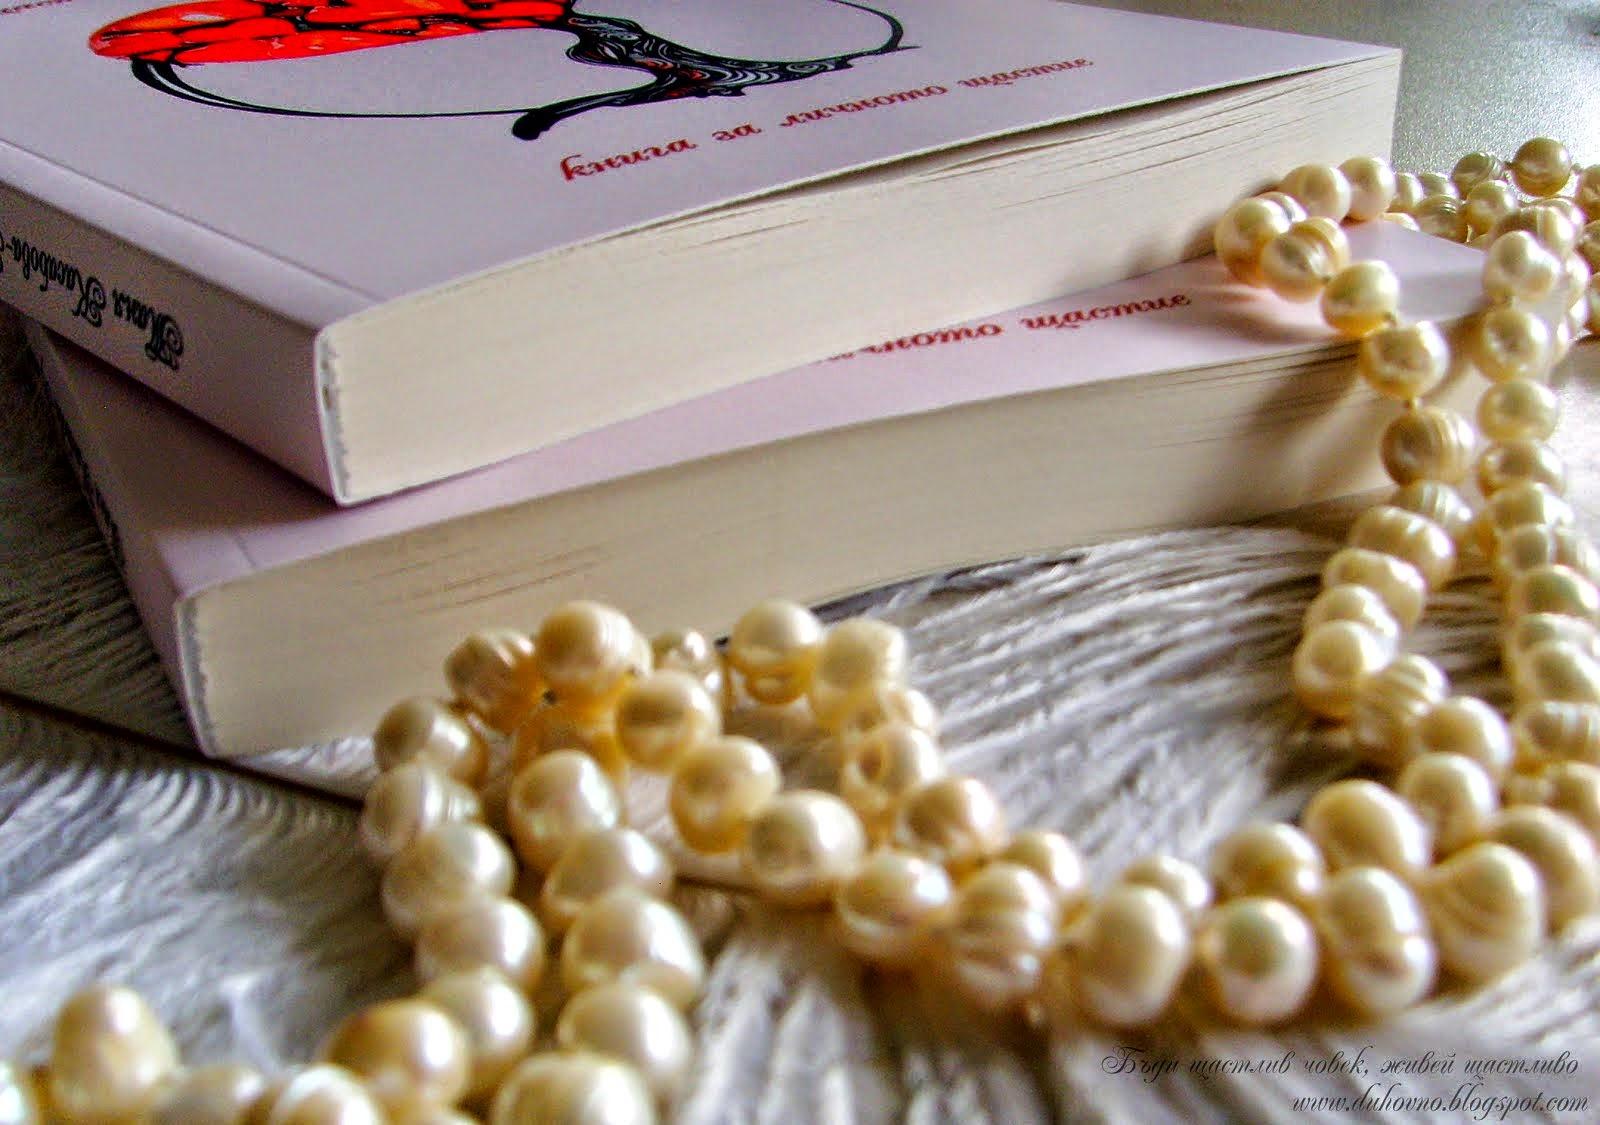 Повече информация за книгата БЪДИ ЩАСТЛИВ ЧОВЕК, ЖИВЕЙ ЩАСТЛИВО